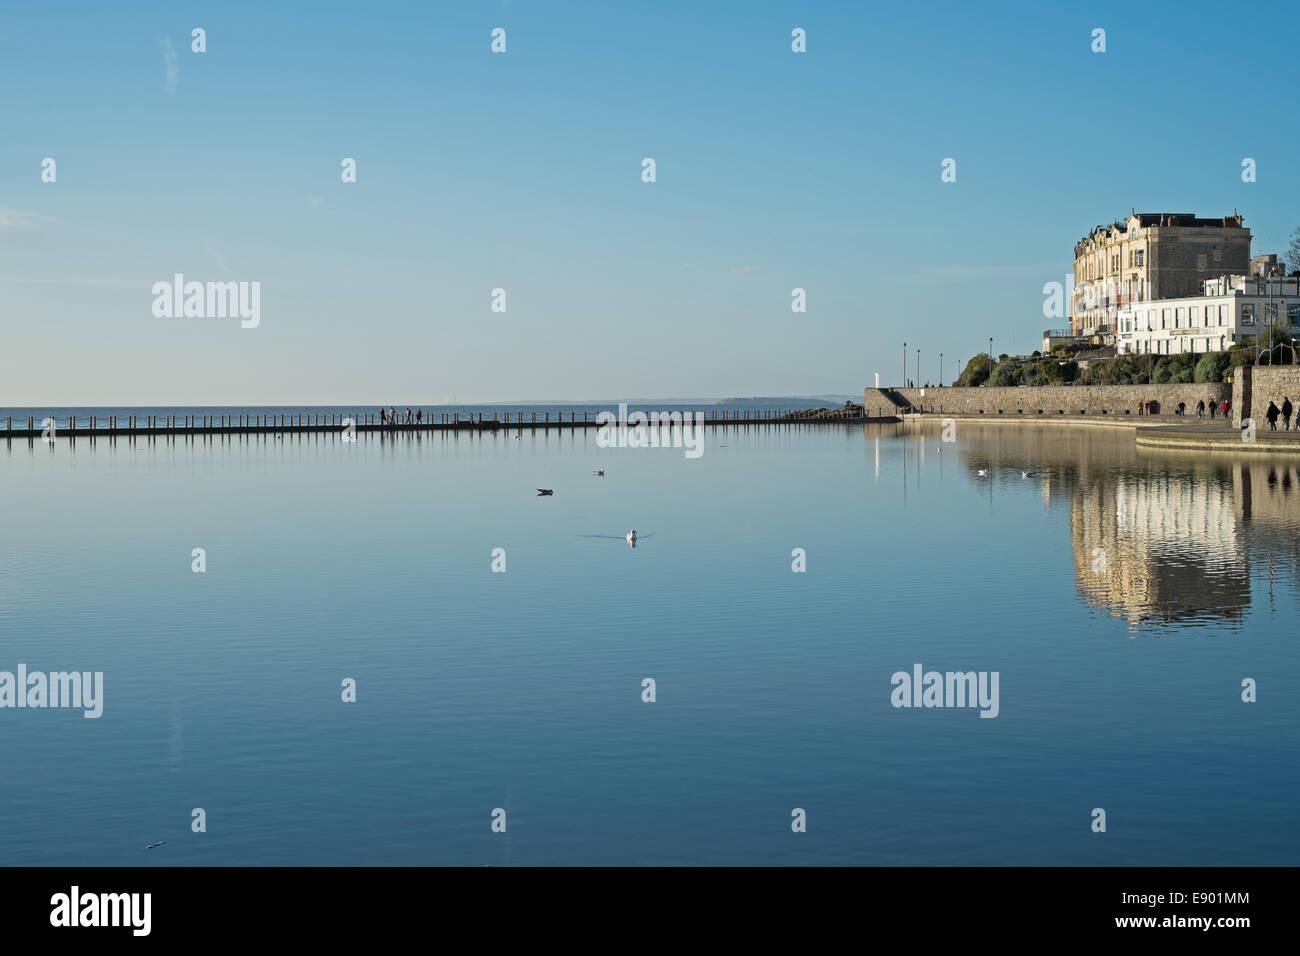 Marine Lake, Weston-super-Mare, Somerset, England - Stock Image